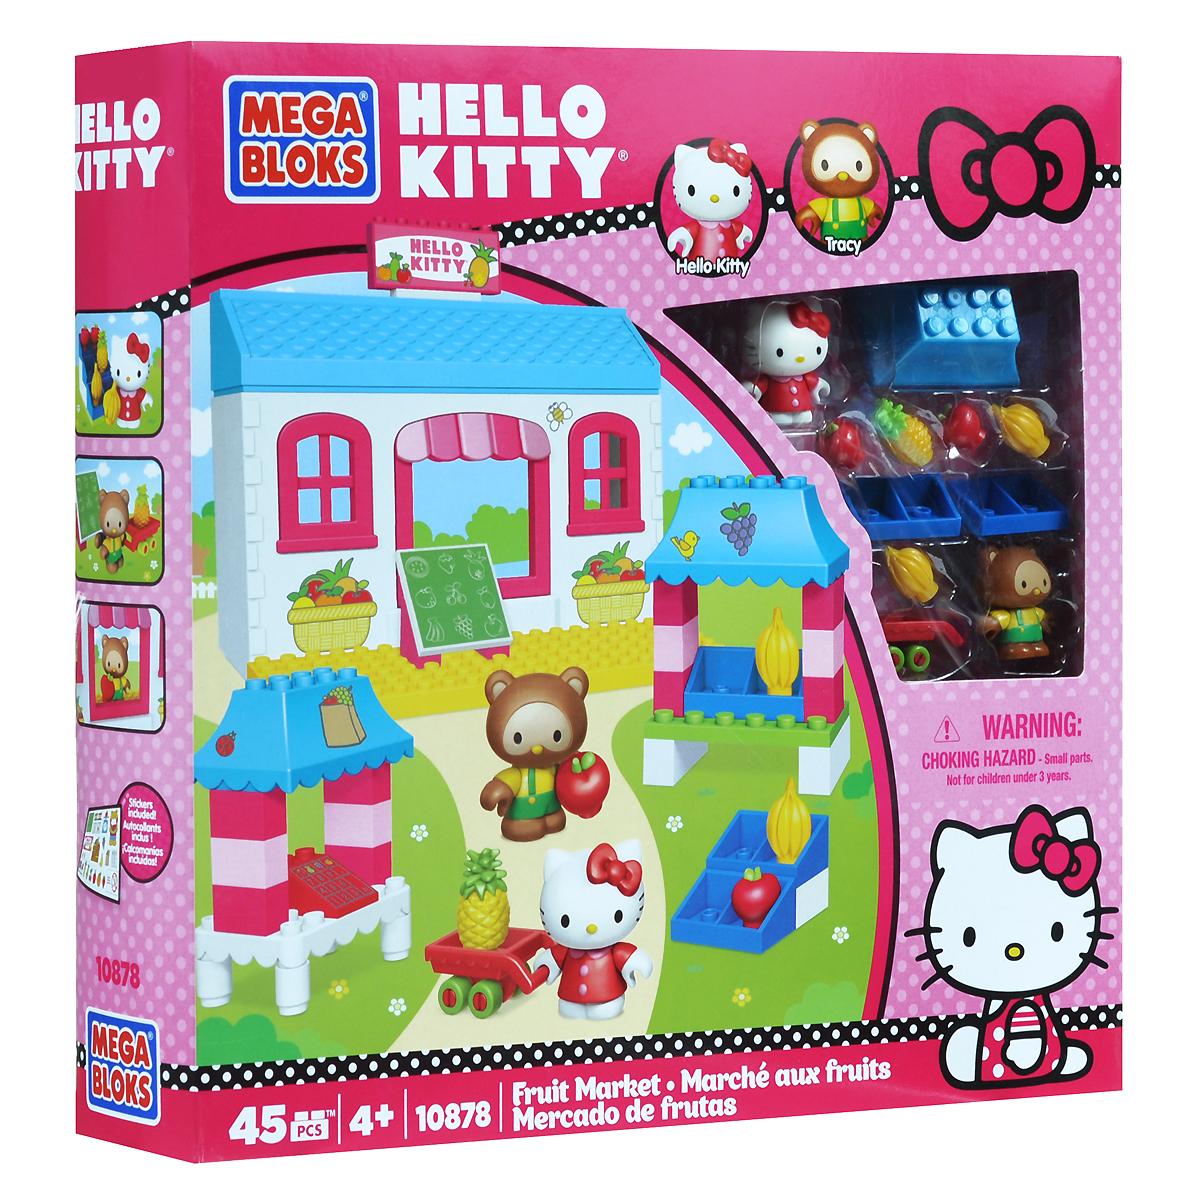 Mega Bloks Hello Kitty Конструктор Фруктовый рынок10878-rynok/ast10823(10878,10879,10918)Когда кошечка Китти отправляется за покупками, она обязательно заглядывает во фруктовую лавку, которую держит ее друг, медведь Трейси. Вдруг он припас что-то самое свежее и вкусное специально для своей постоянной покупательницы? Набор-конструктор Mega Bloks Hello Kitty: Фруктовый рынок включает 45 пластиковых элементов, в том числе фигурки кошечки Китти и мишки Трейси и другие аксессуары. Также в наборе схематичная инструкция по сборке конструктора. Ваша малышка часами будет играть с набором, придумывая различные истории.